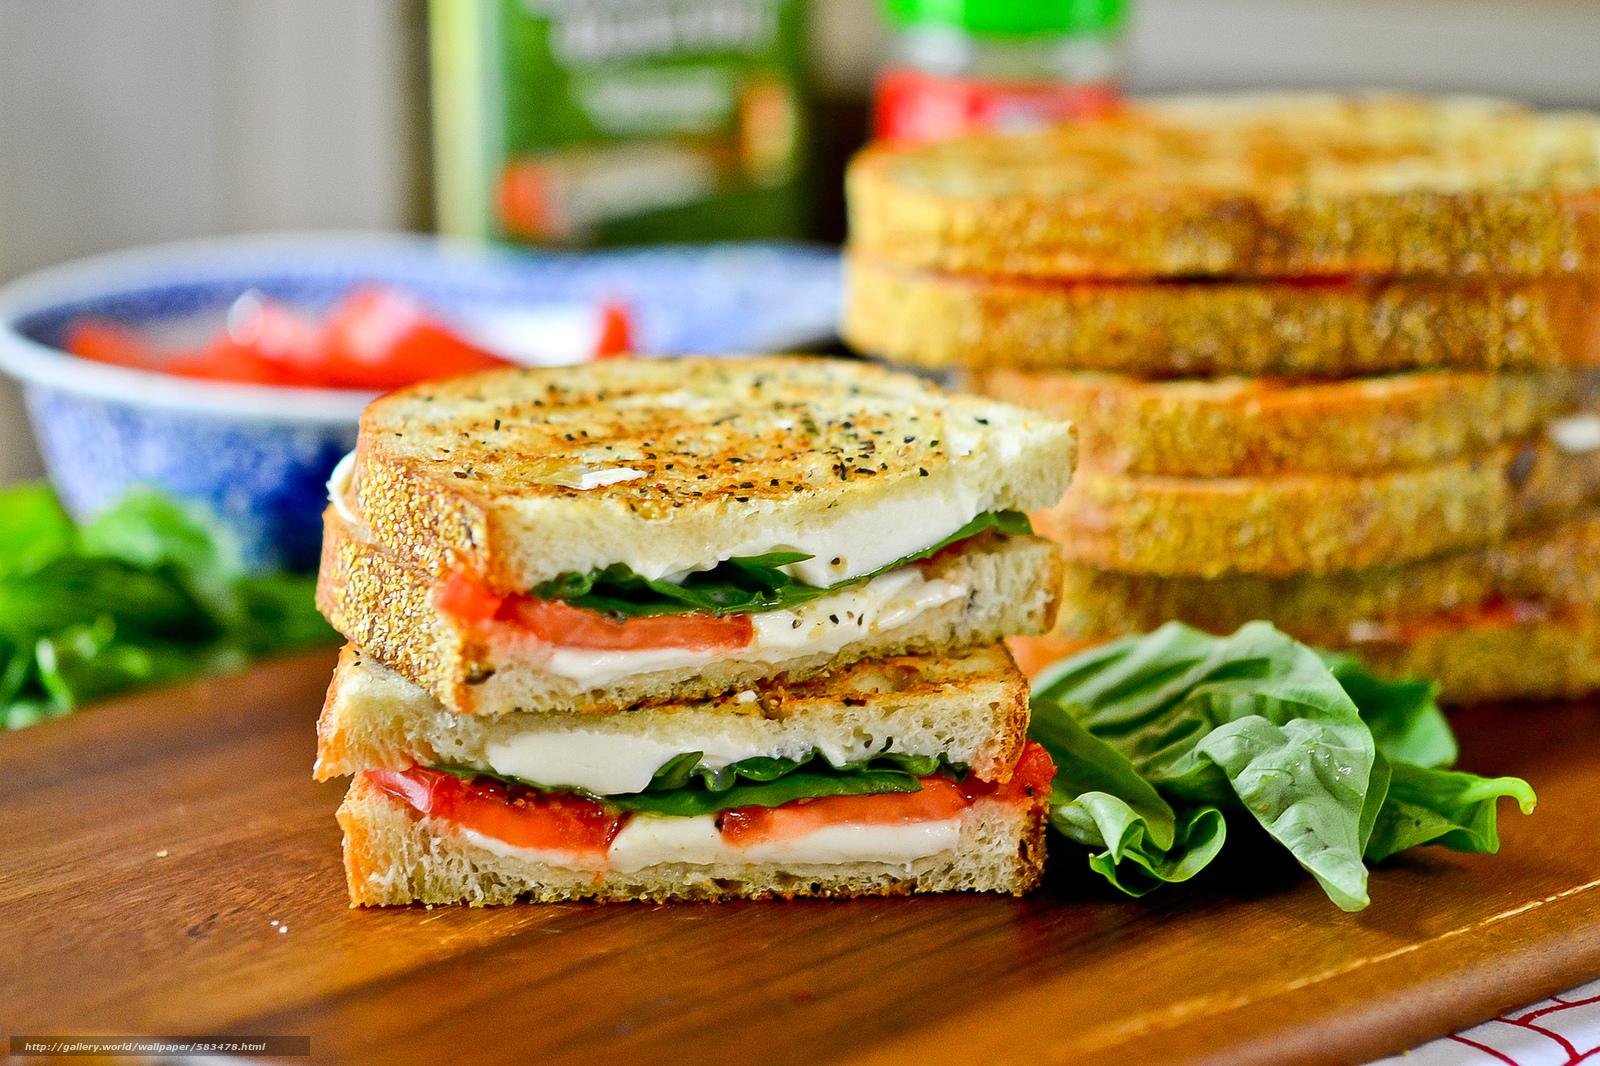 Скачать обои сэндвич,  хлеб,  бутерброд бесплатно для рабочего стола в разрешении 2048x1365 — картинка №583478